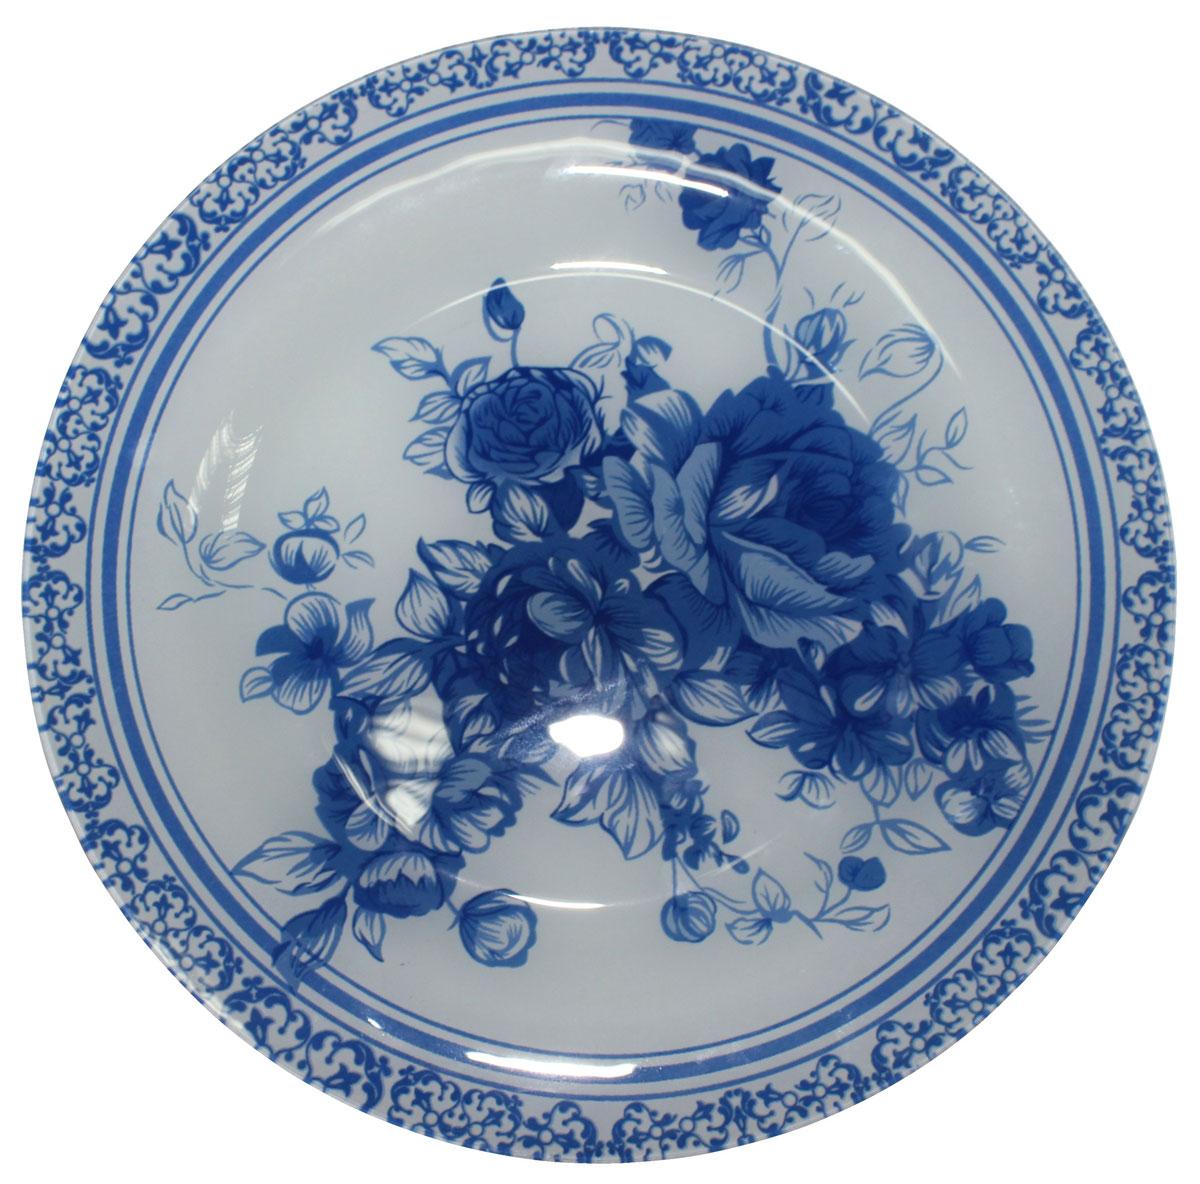 Тарелка обеденная Vetta Гжельские мотивы, диаметр 25 см830015Тарелка обеденная Vetta Гжельские мотивы выполнена из высококачественного стекла. Тарелка – важнейший предмет любого застолья. Будучи во главе стола, она привлекает к себе основное внимание. А это значит – рисунок, цвет и материал играют немаловажную роль.